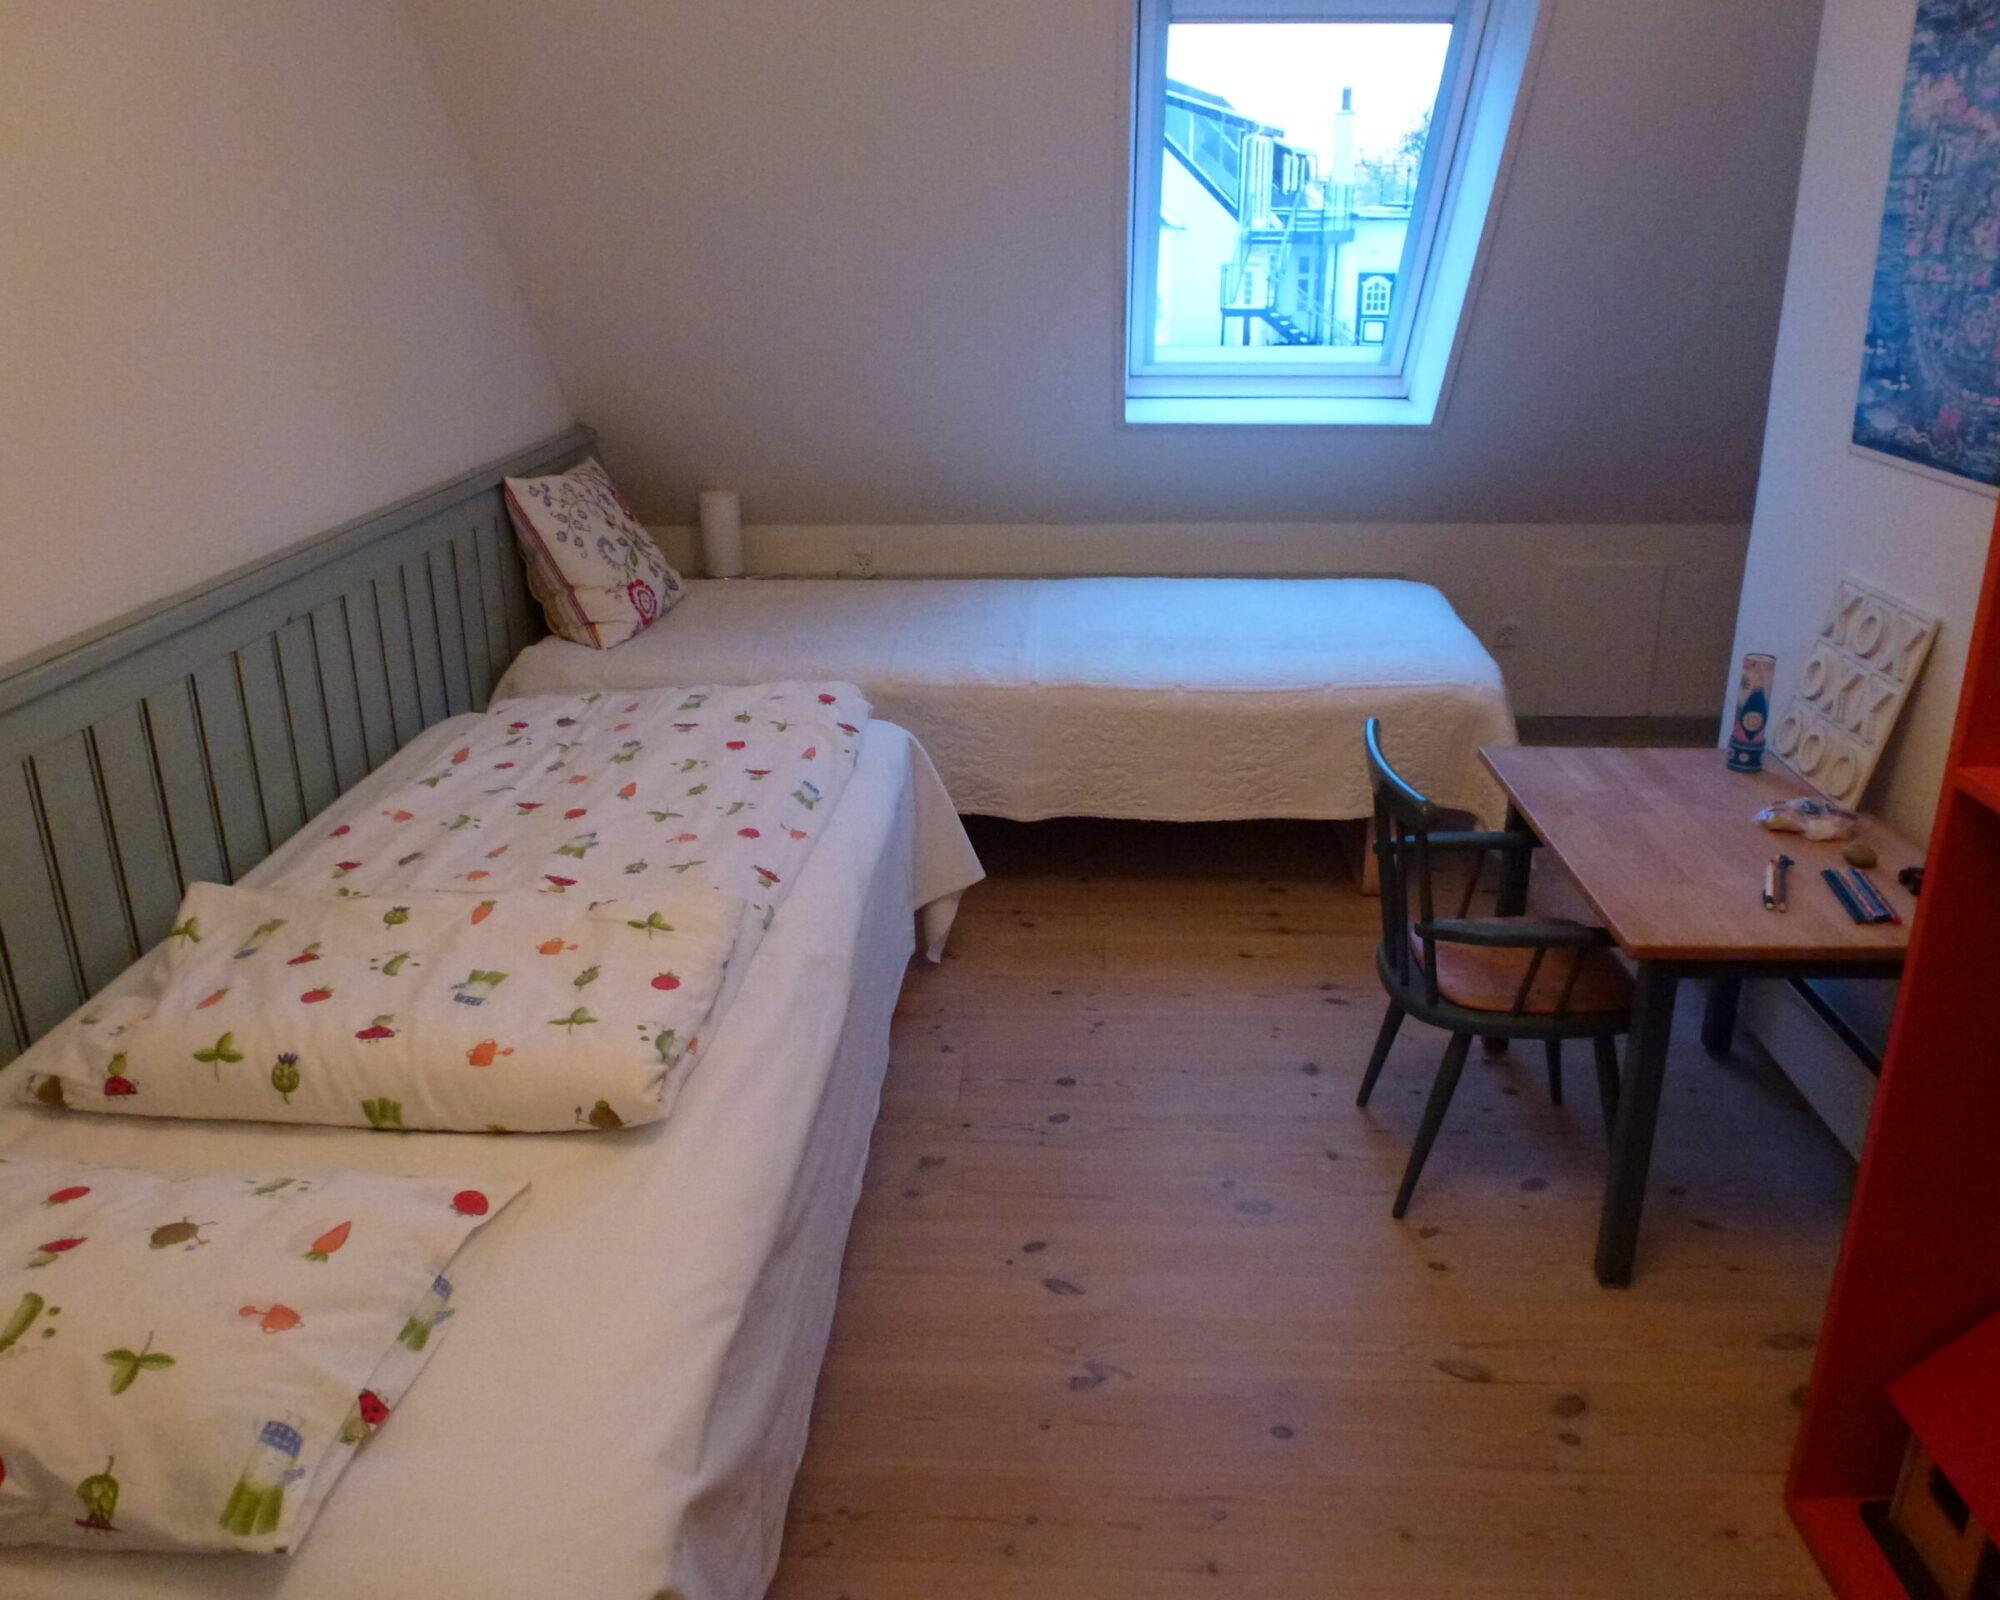 Haus 2 Kinderzimmer (2)